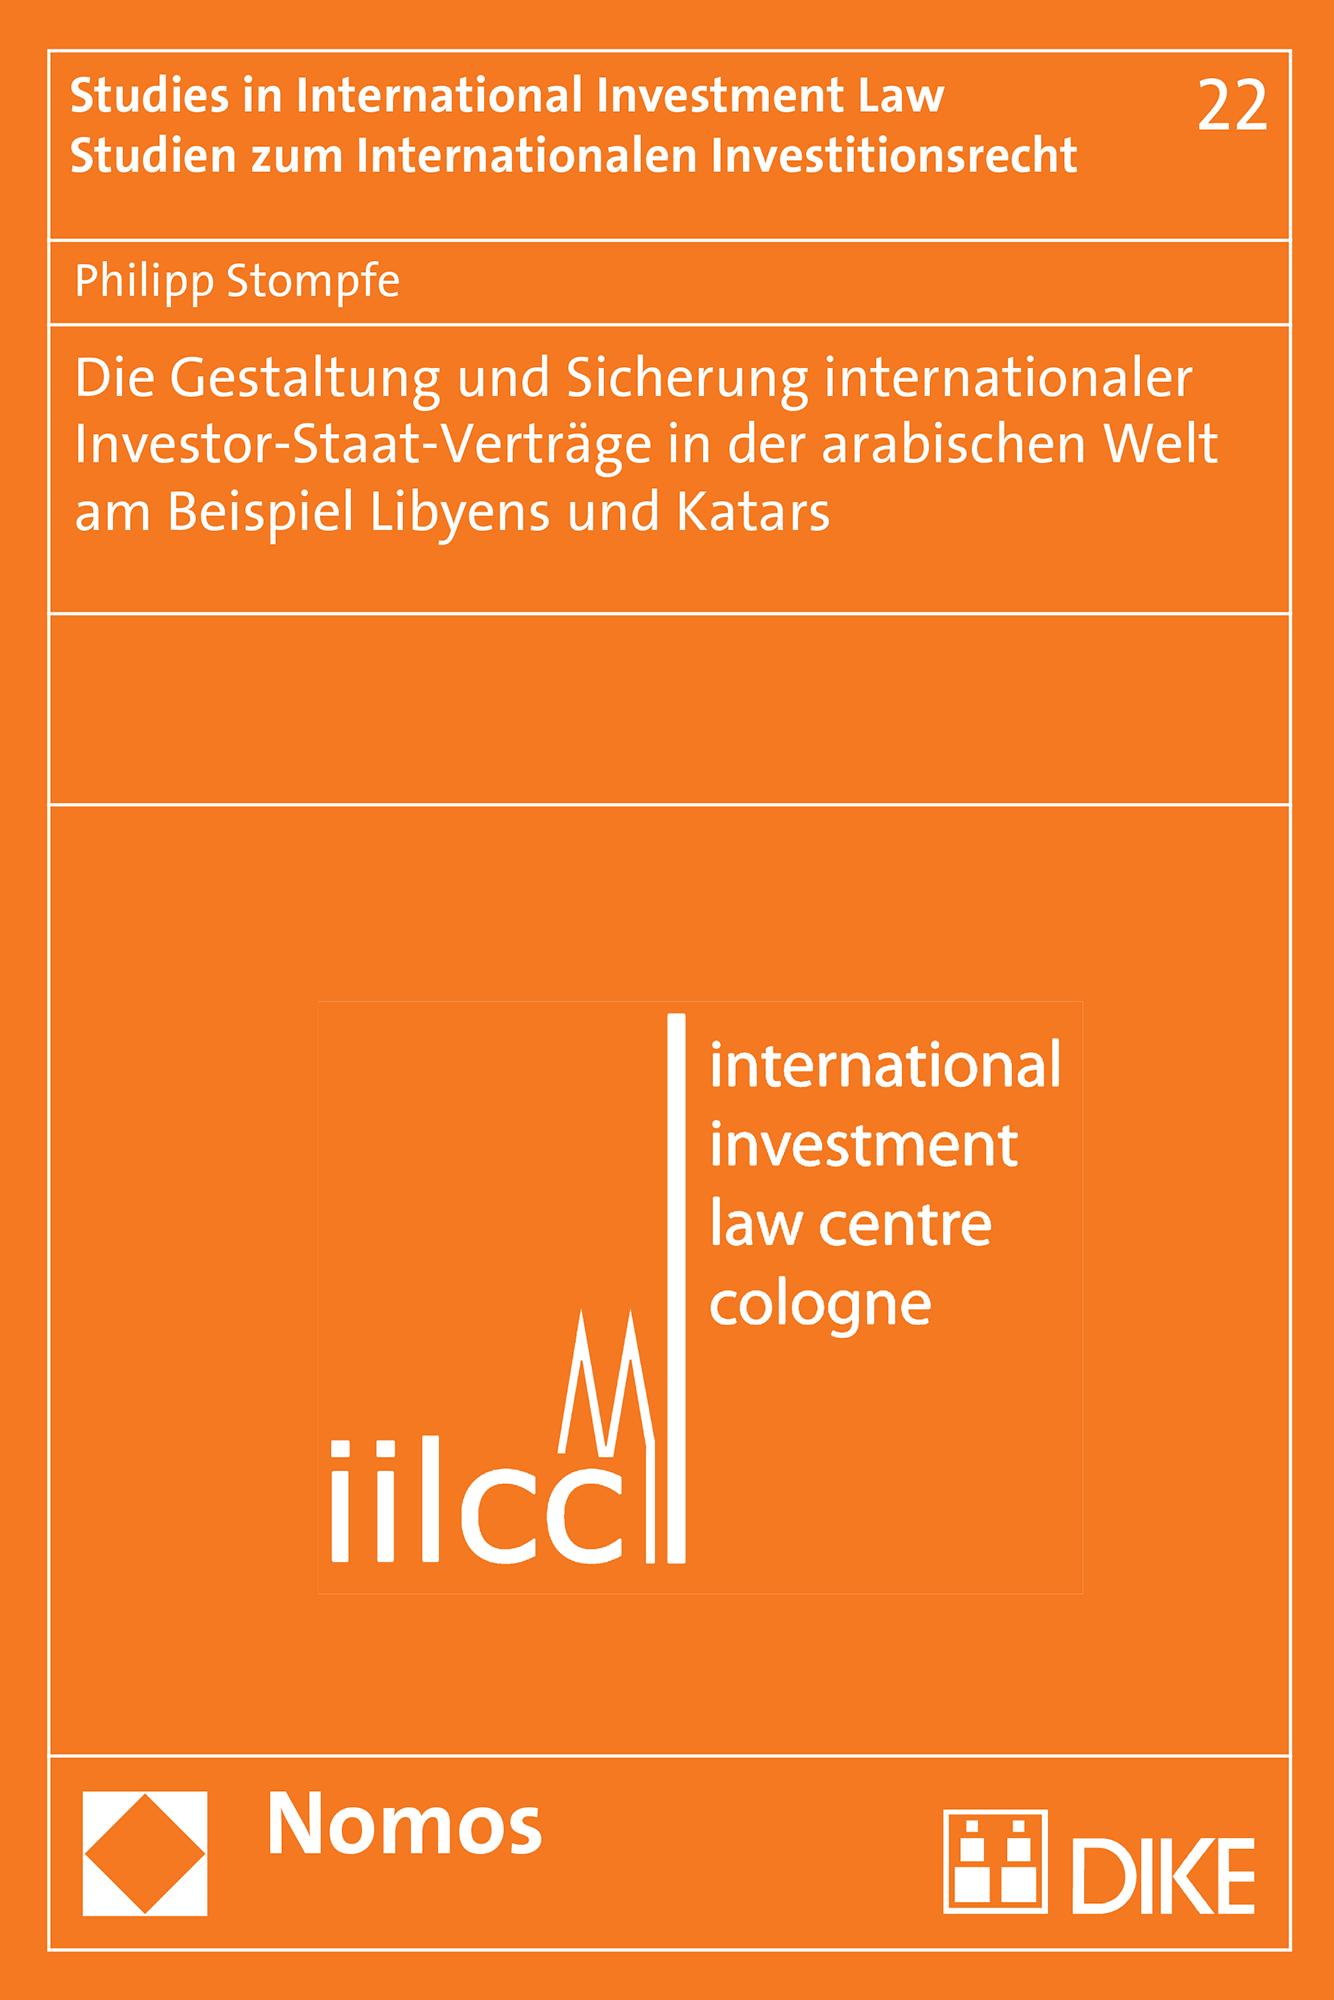 Die Gestaltung und Sicherung internationaler Investor-Staat-Verträge in der arabischen Welt am Beispiel Libyens und Katars